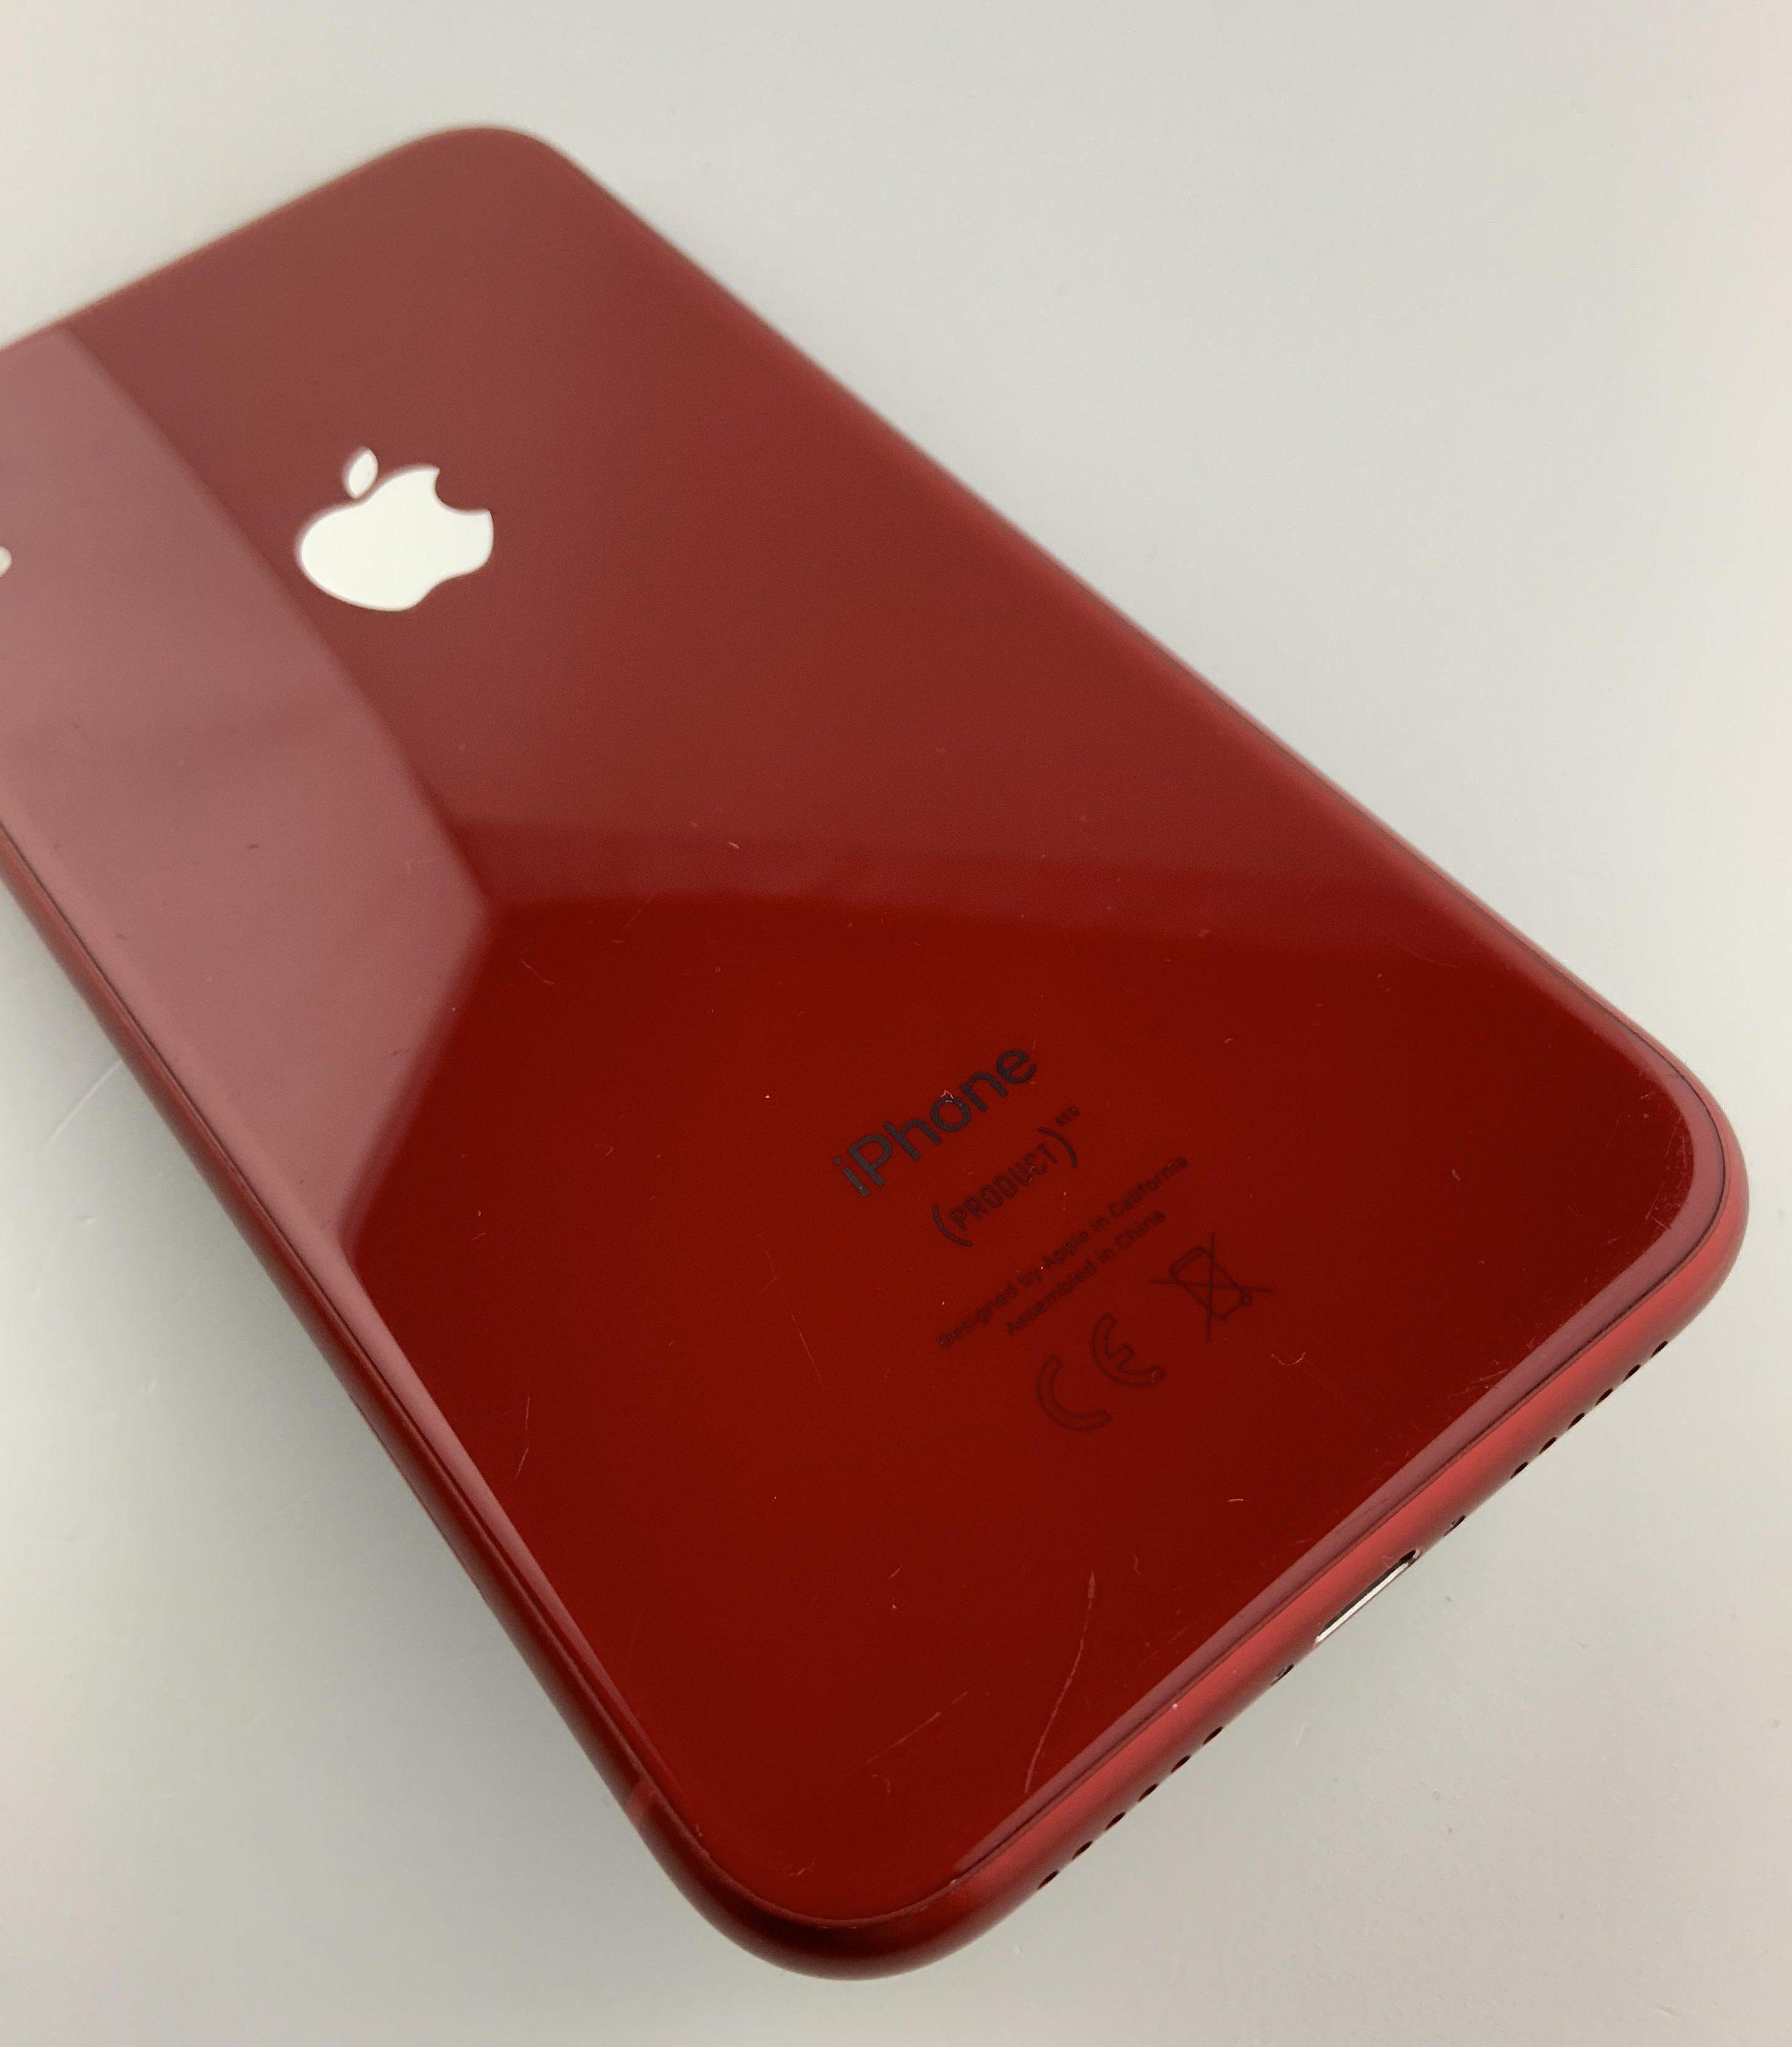 iPhone XR 128GB, 128GB, Red, obraz 4